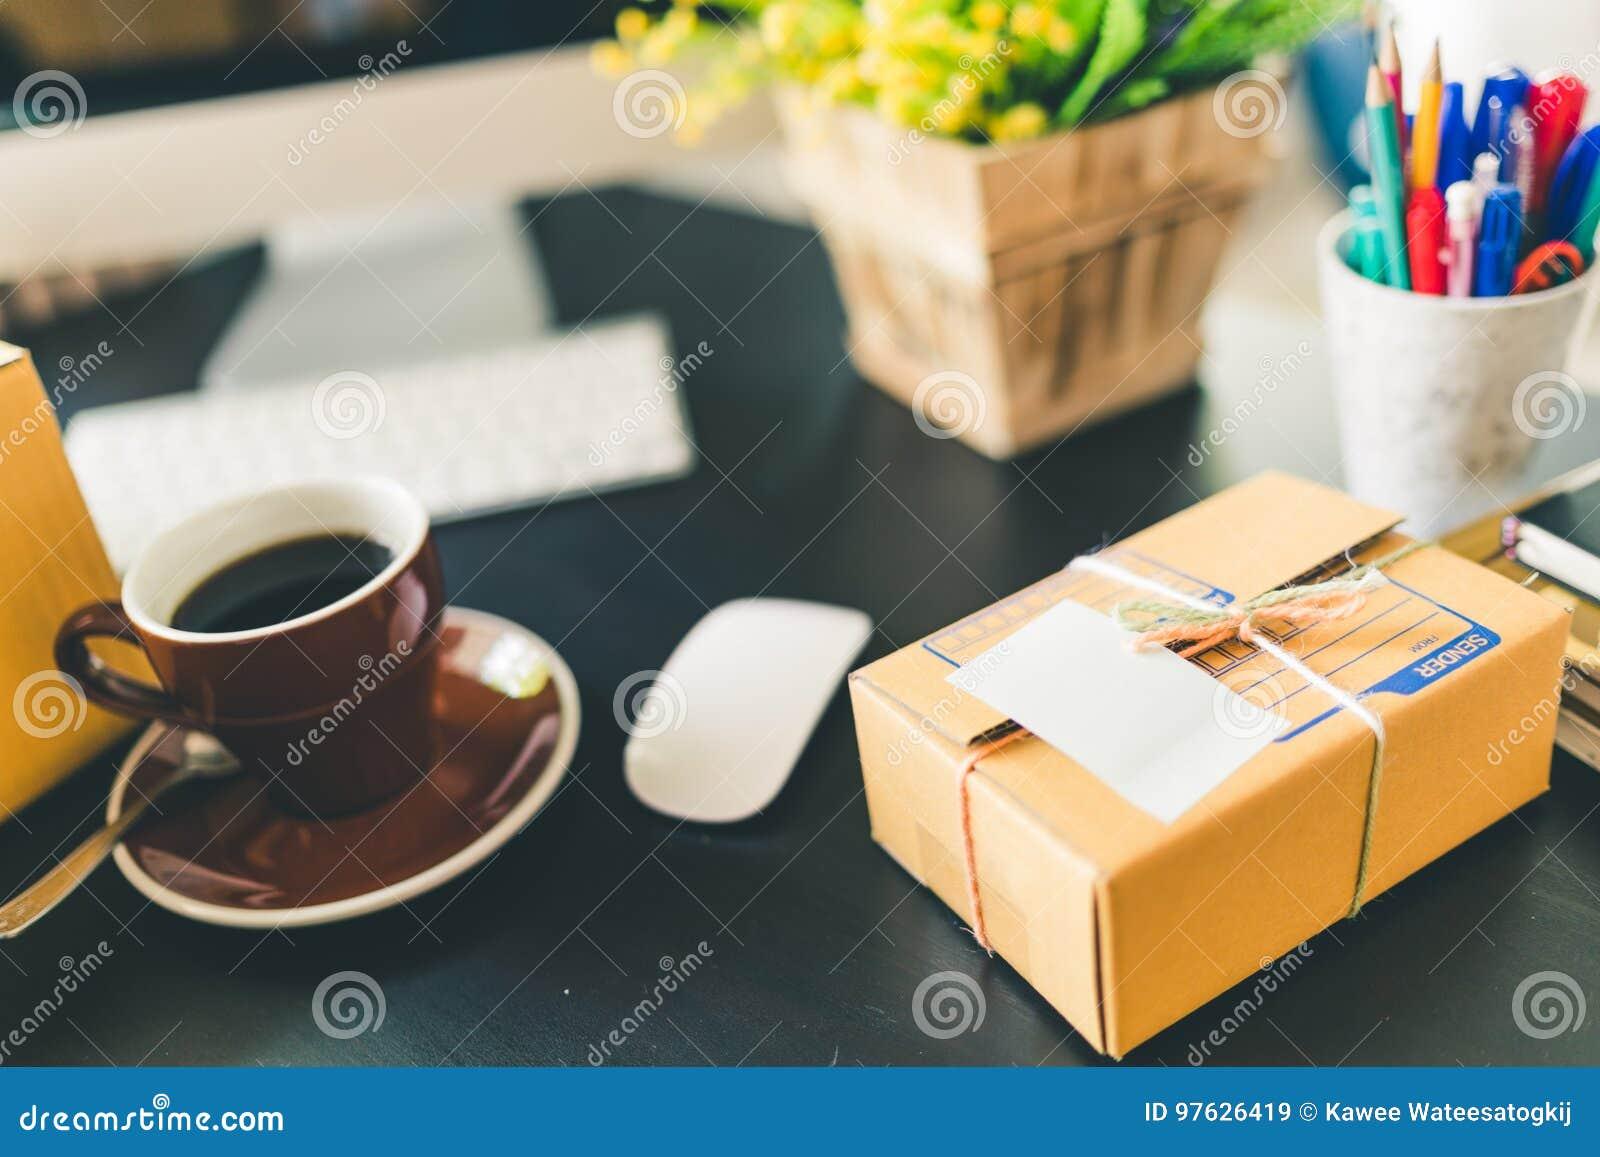 Bureau fonctionnant du démarrage d entreprise à la maison La livraison d emballage de commerce électronique de PME, marketing en